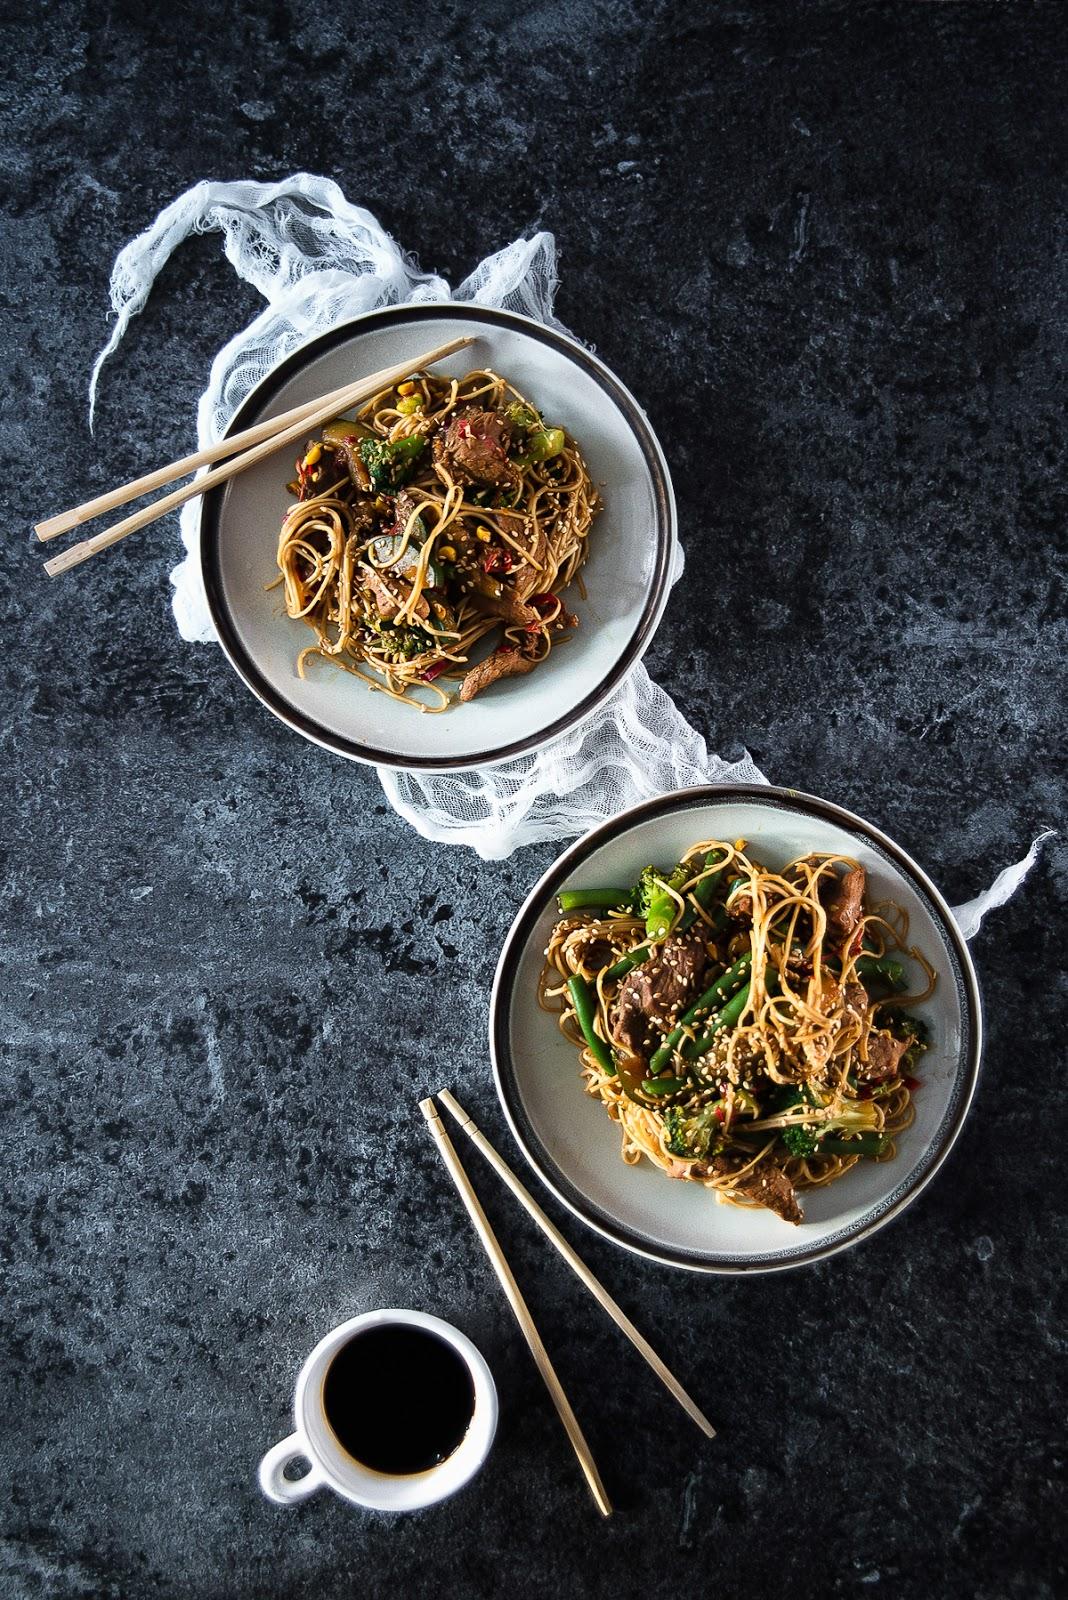 Stir fry - makaron z kurczakiem i warzywami w stylu chińskim